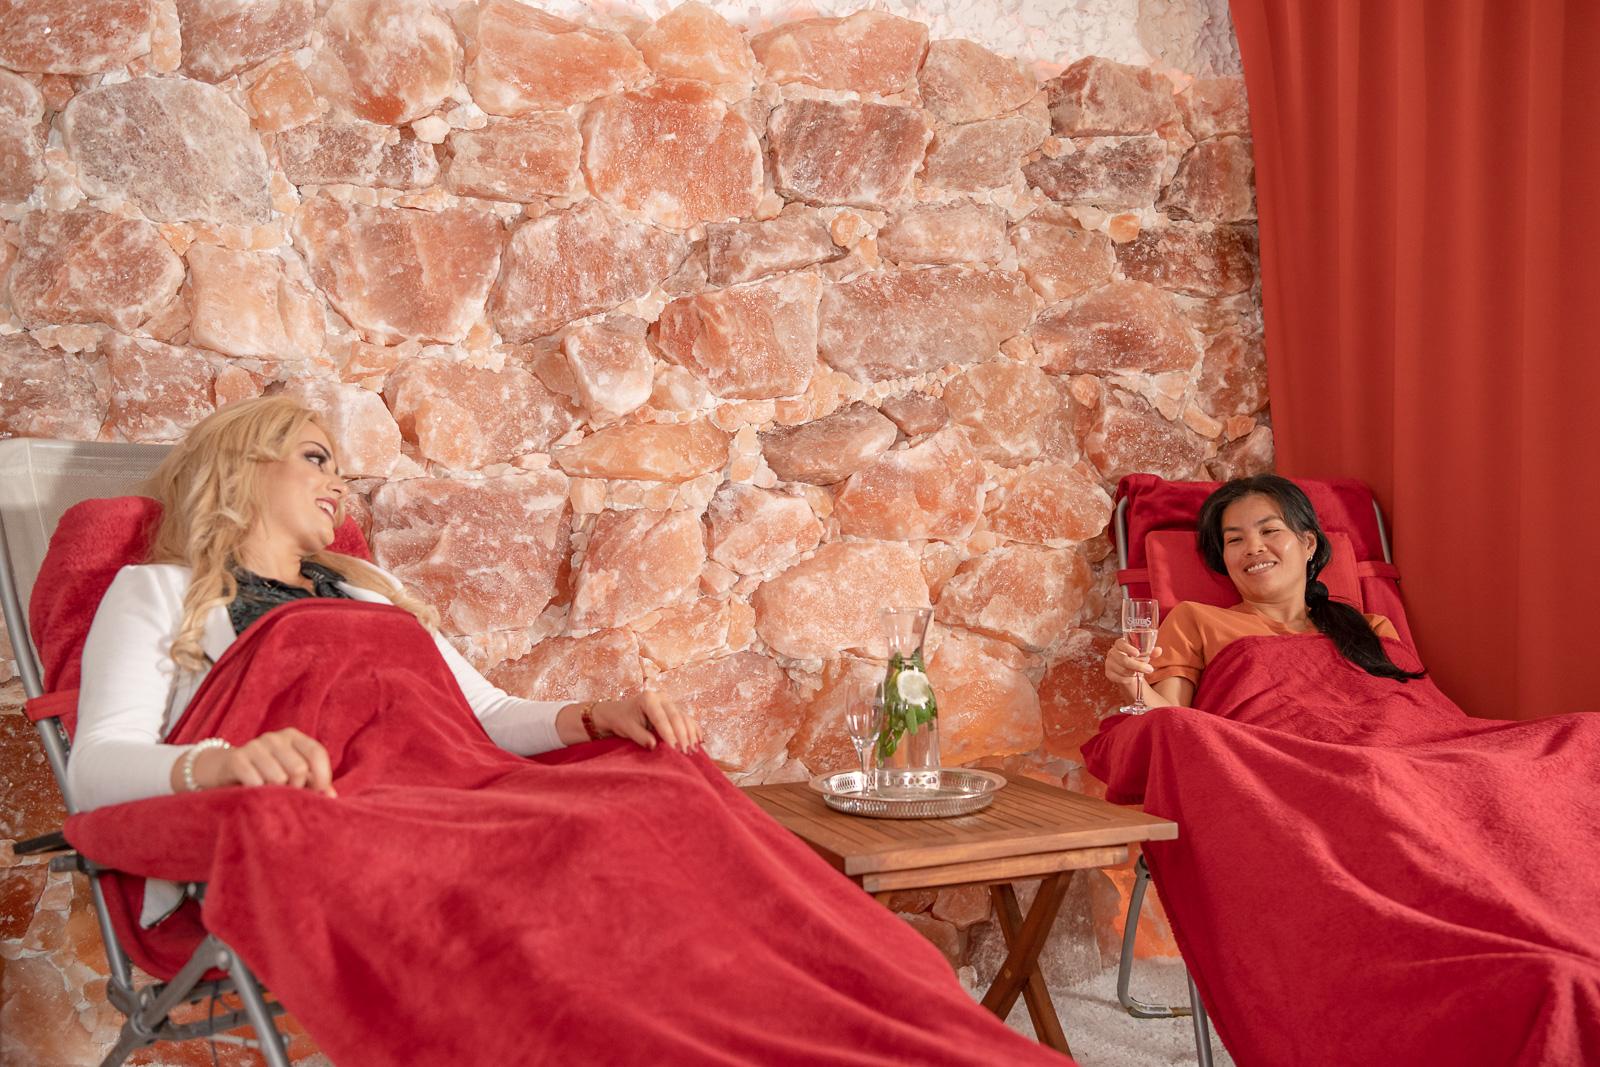 Fotoreportage - Salzgrotte Beuel Vital - Frauen genießen die Ruhe und Luft